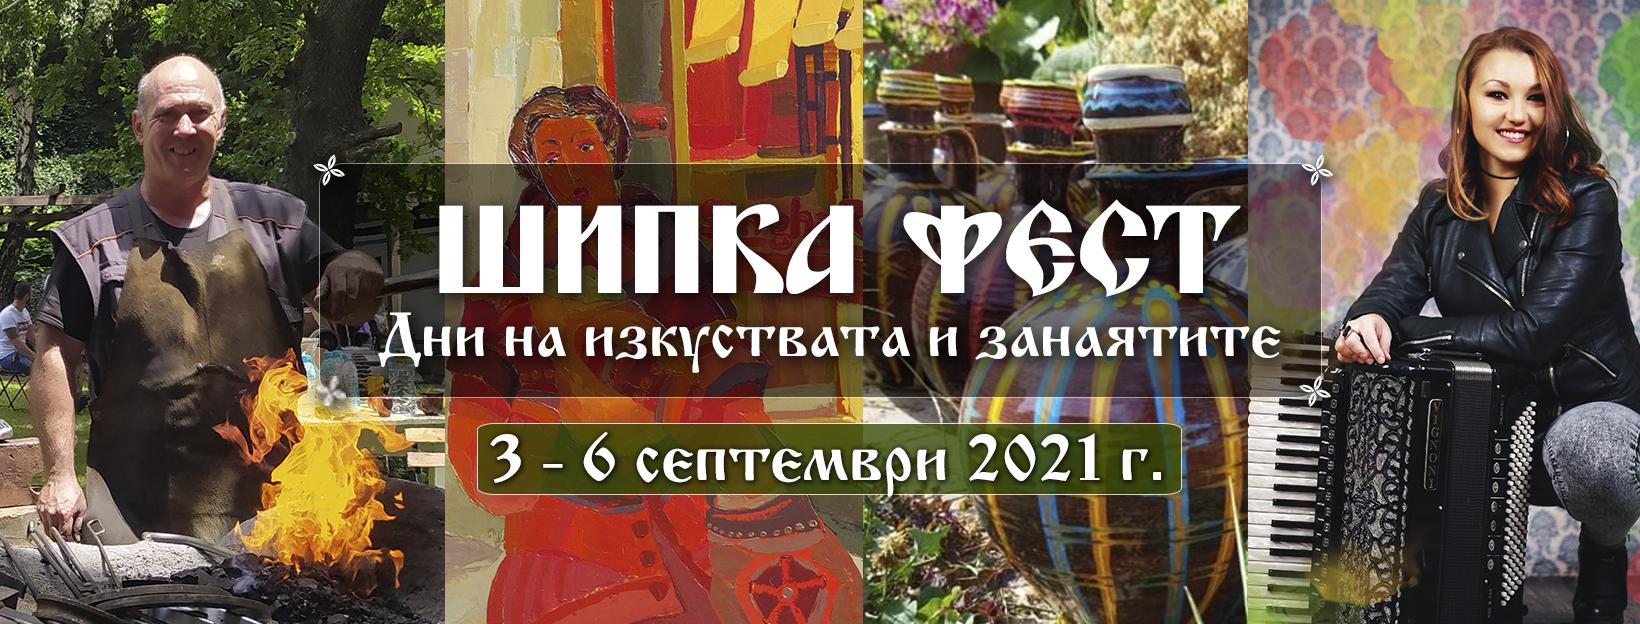 банер Шипка Фест